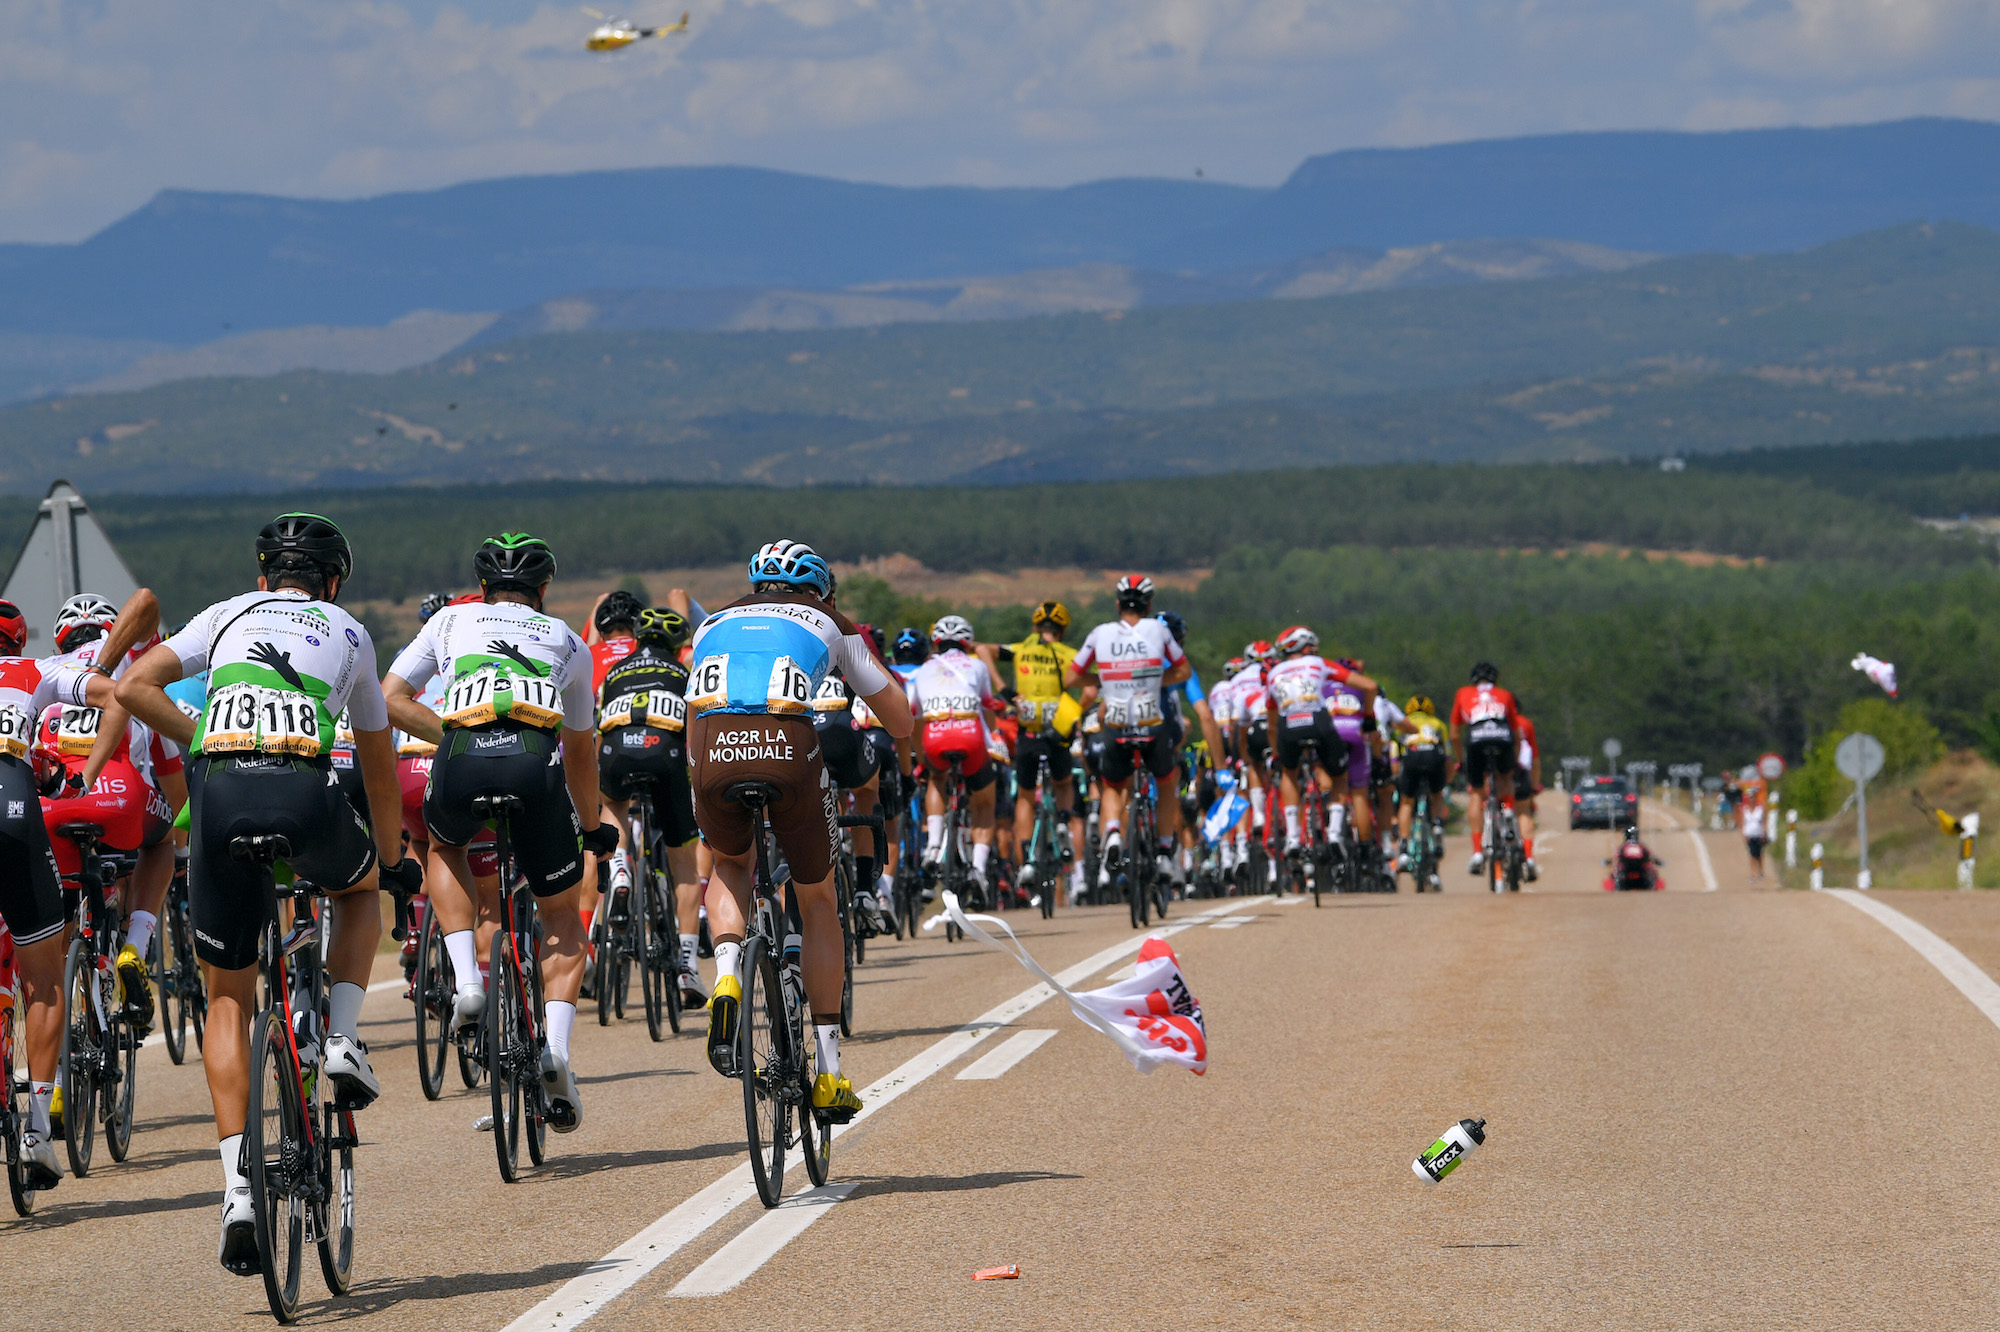 L'UCI prevede di introdurre penalità di tempo per i corridori che si sporcano durante le gare